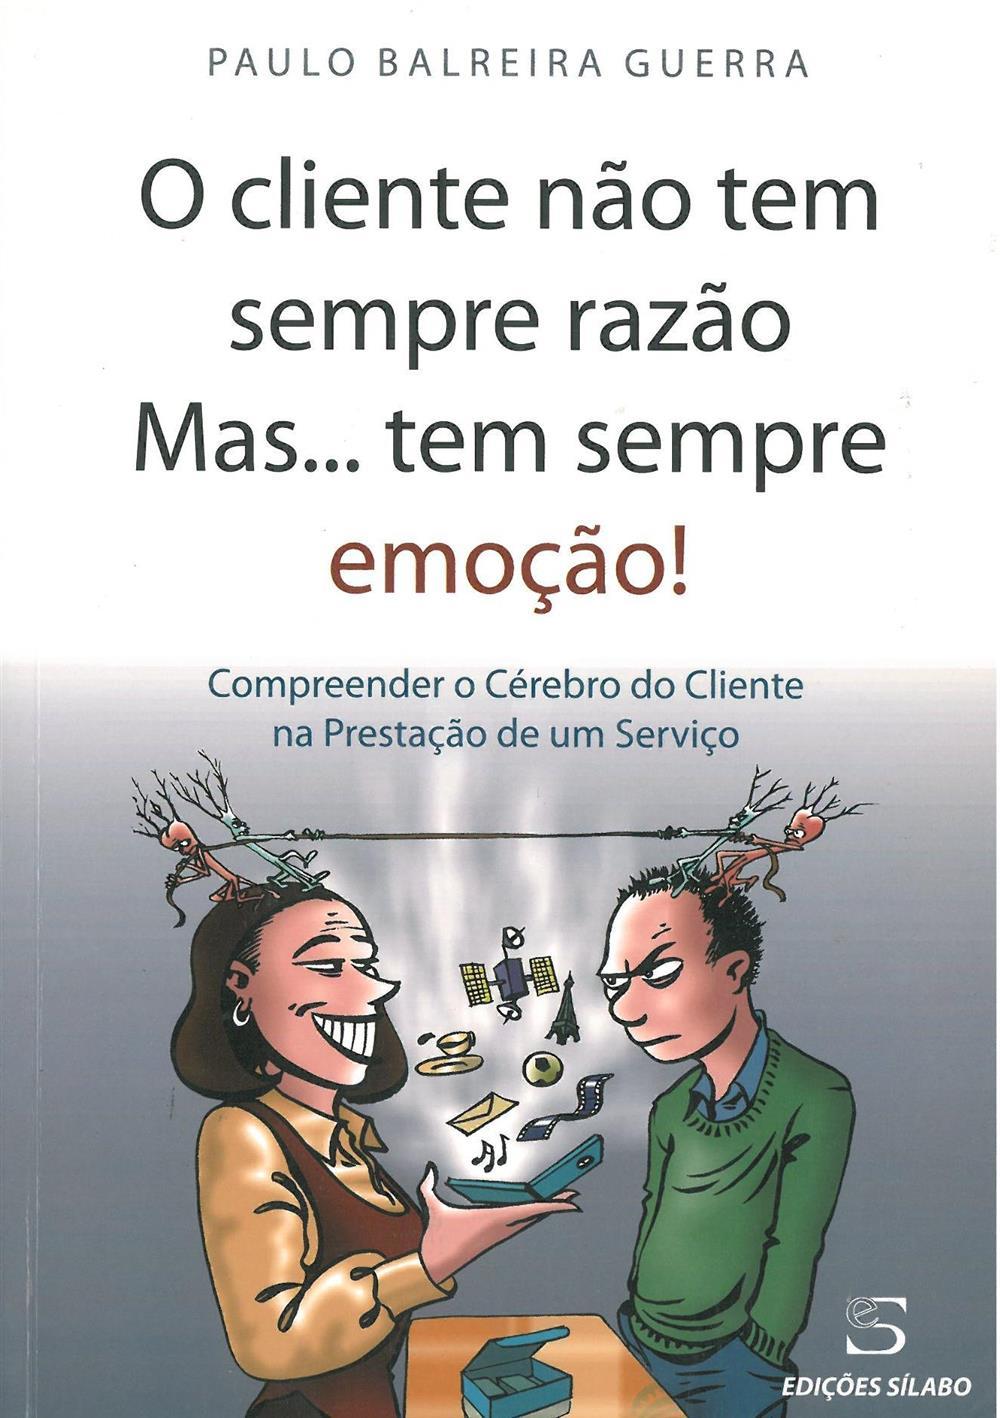 O cliente não tem sempre razão mas... tem sempre emoção_.jpg